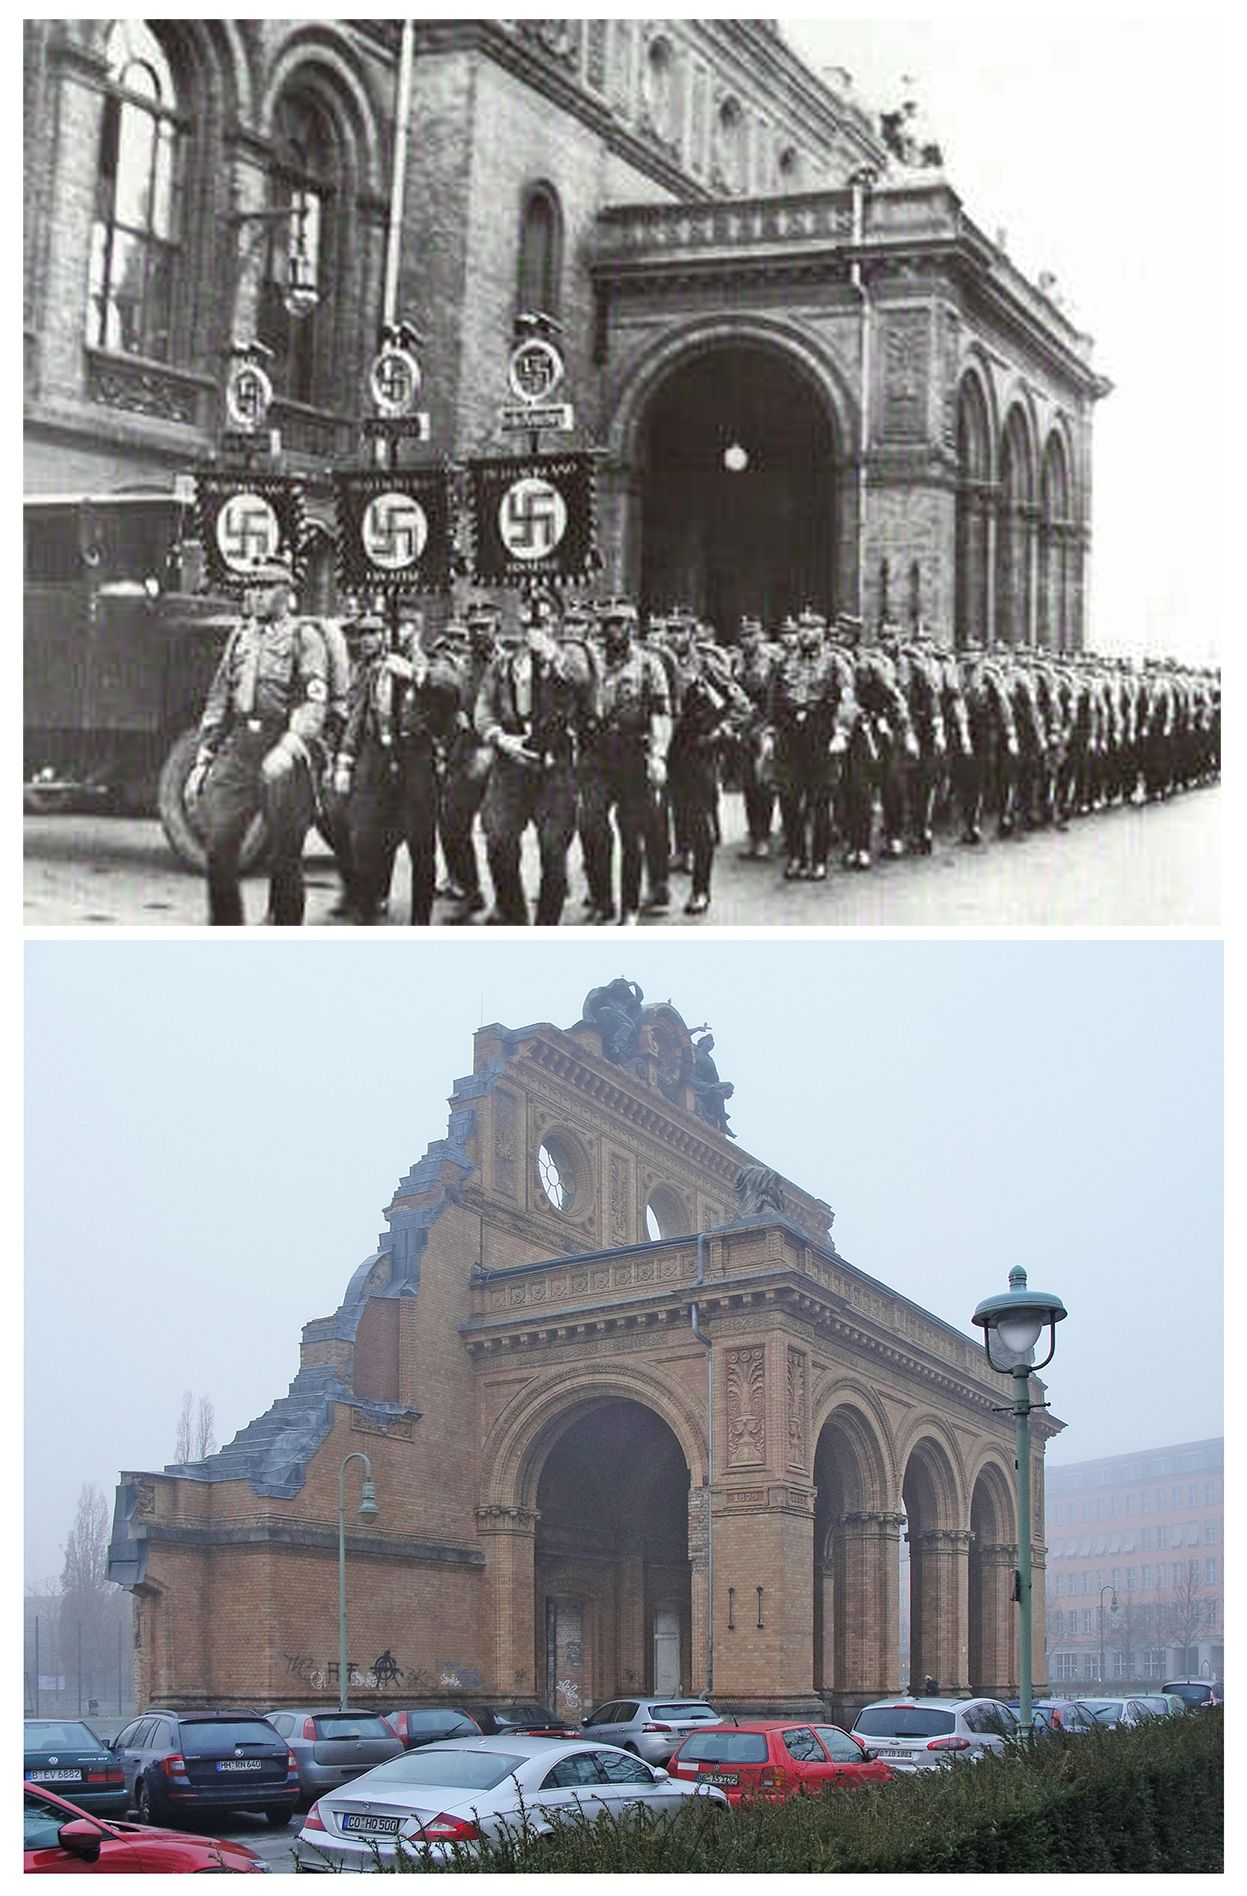 Berlin Centro de Berln Apoyado con imágenes de la batalla de Berln de 1945 realizadas entonces por el fot³grafo soviético Georgi Samsonov su…